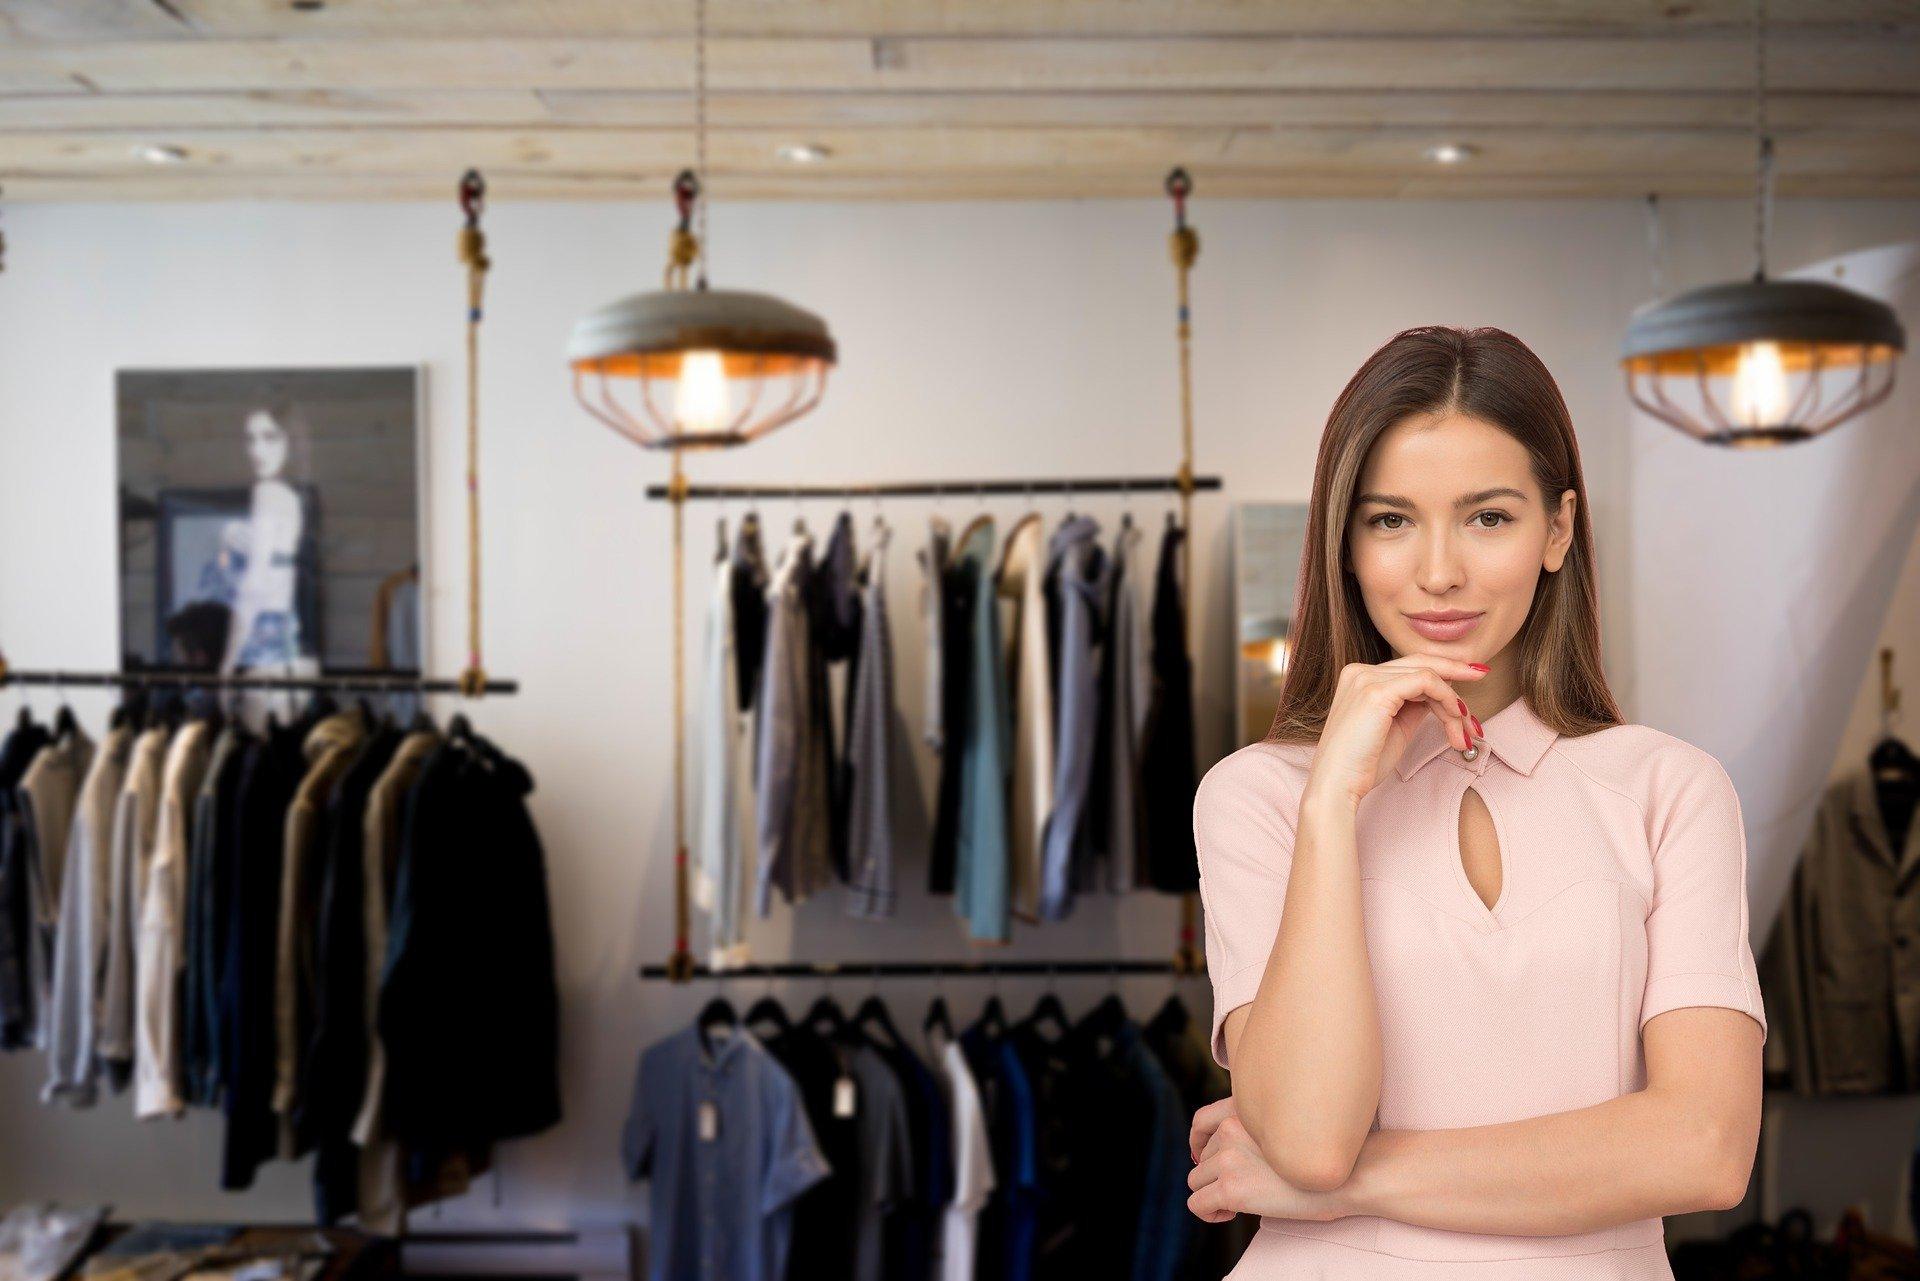 franchising imprenditoria femminile